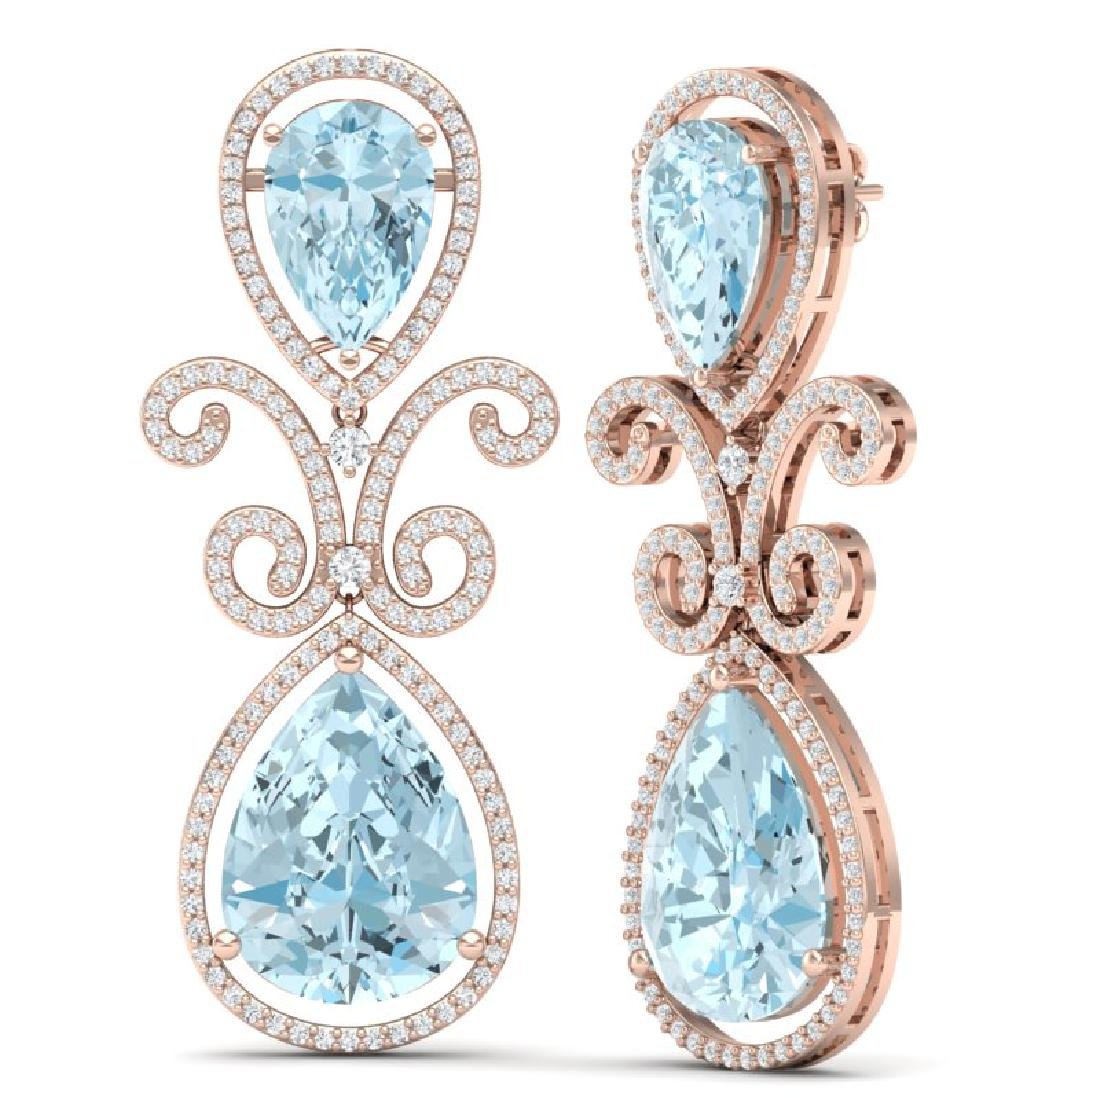 30.49 CTW Royalty Sky Topaz & VS Diamond Earrings 18K - 3